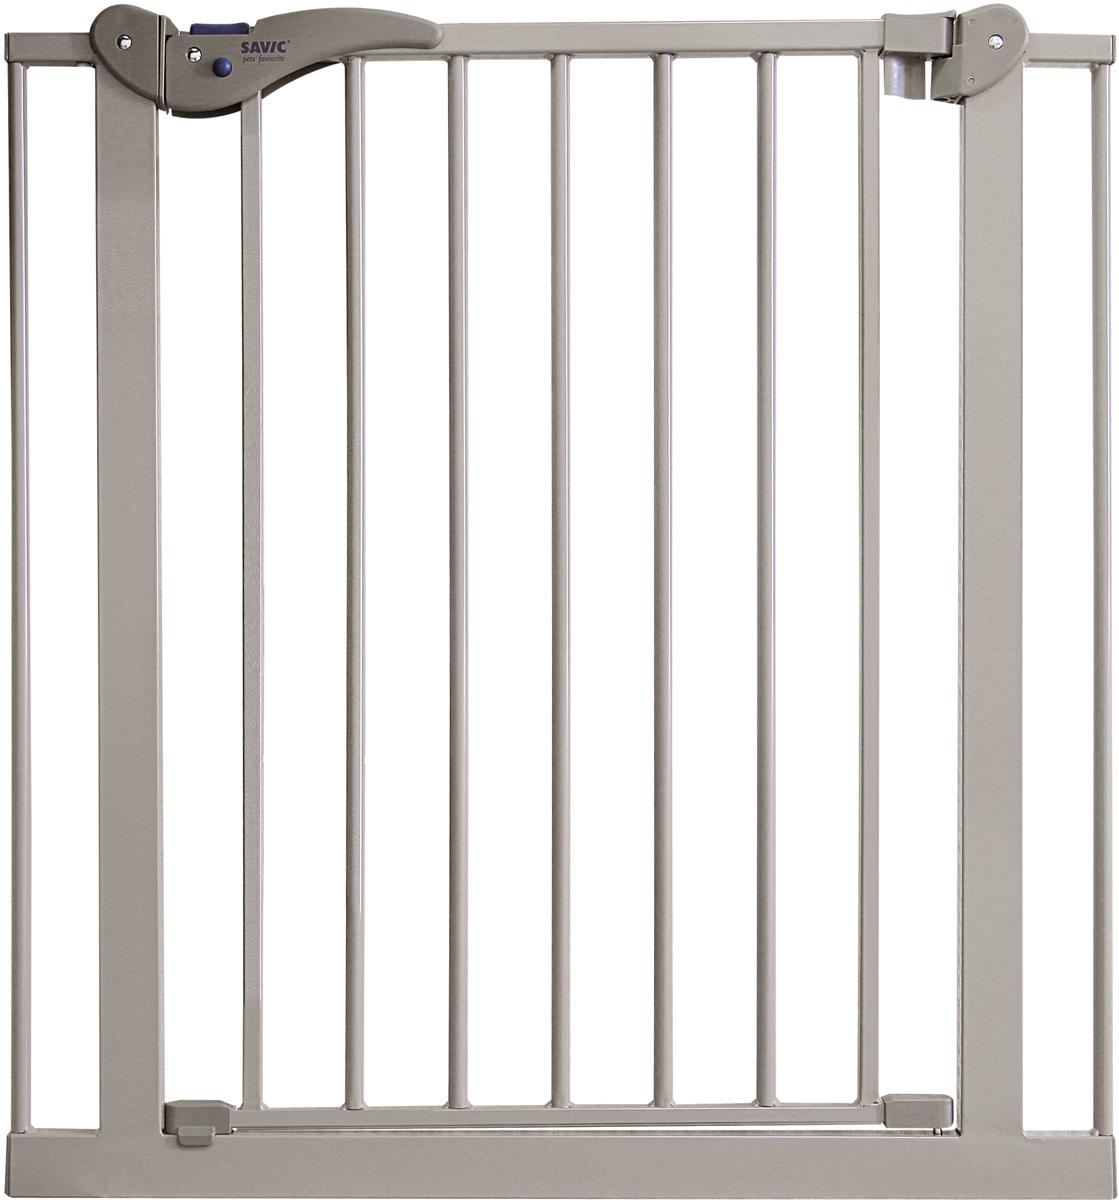 Перегородка-дверь для животных Savic Barruer, 75 х 84 см секция для перегородки savic barruer дополнительная 75 х 7 см